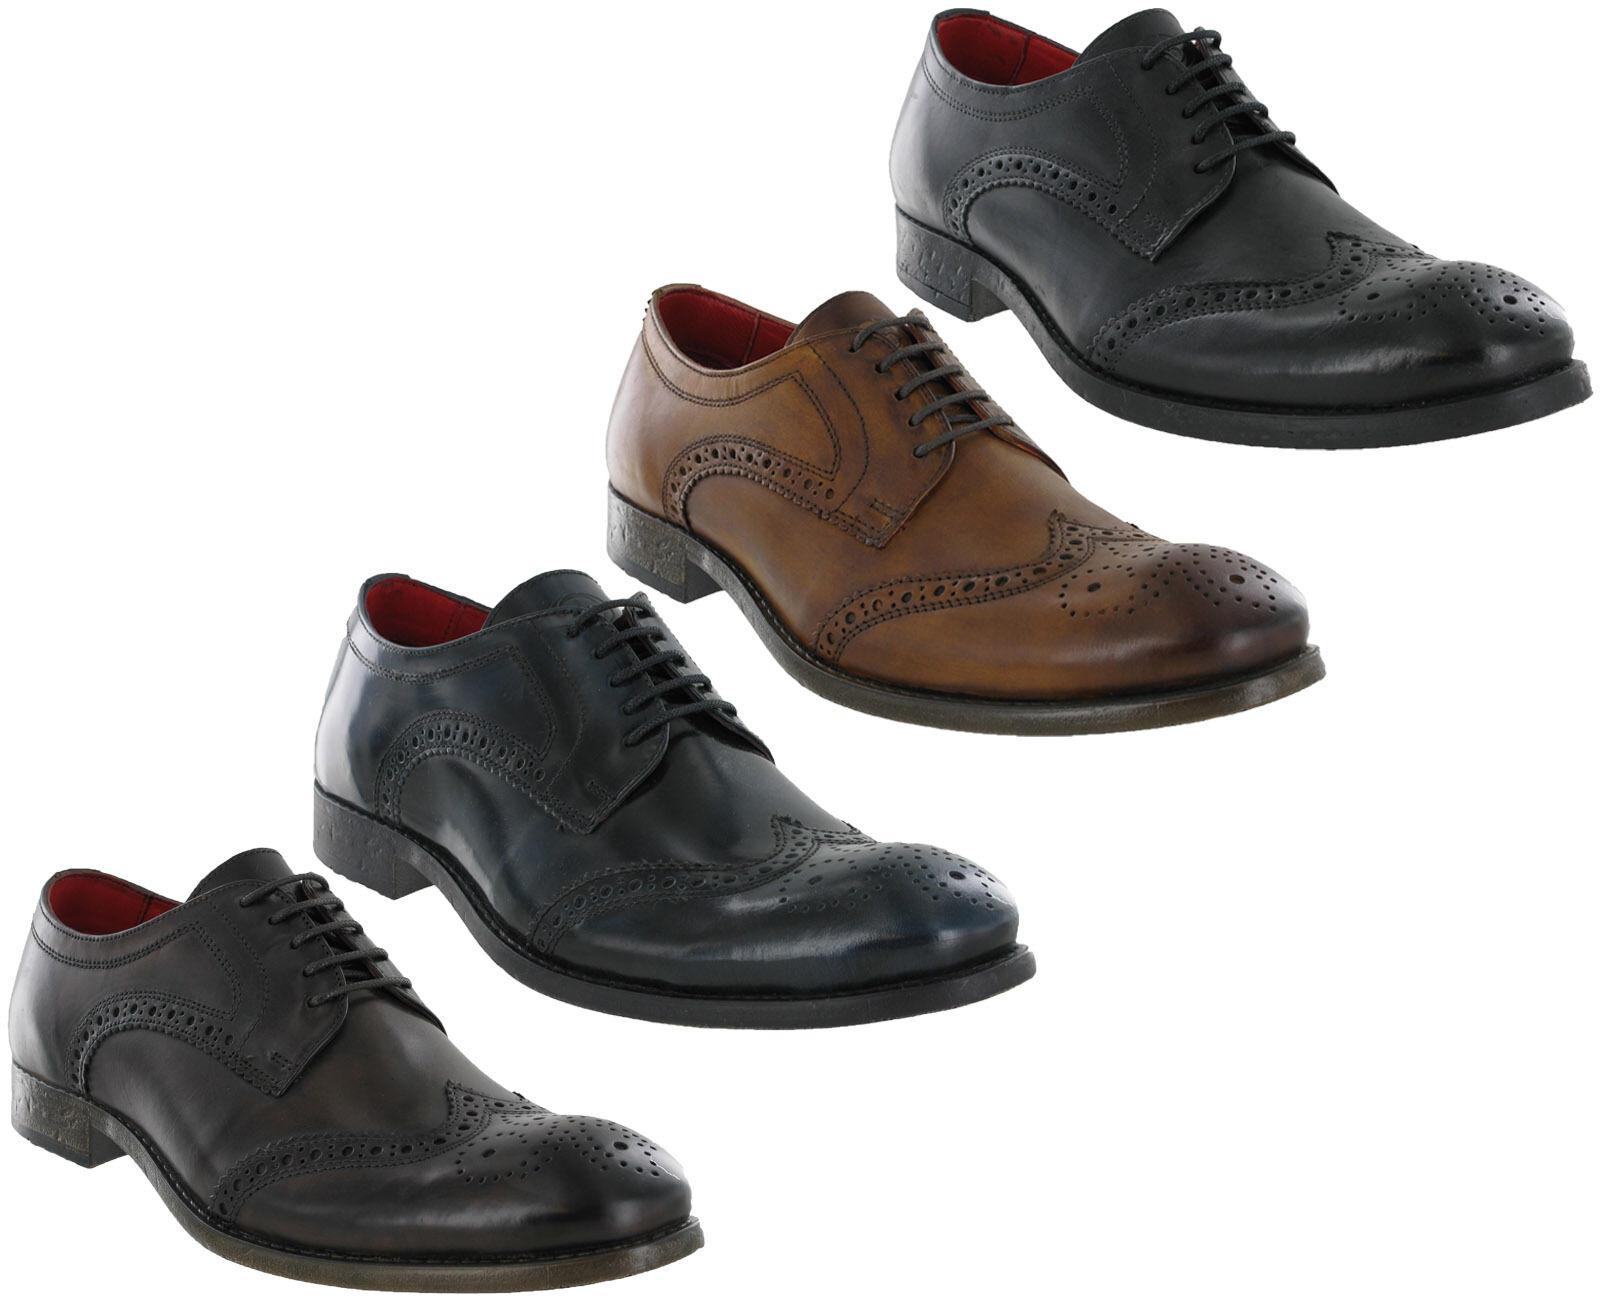 perfezionare Base Base Base London Brogue scarpe Leather Coniston 5 Eye Uomo Formal Lined Lace Ups  autorizzazione